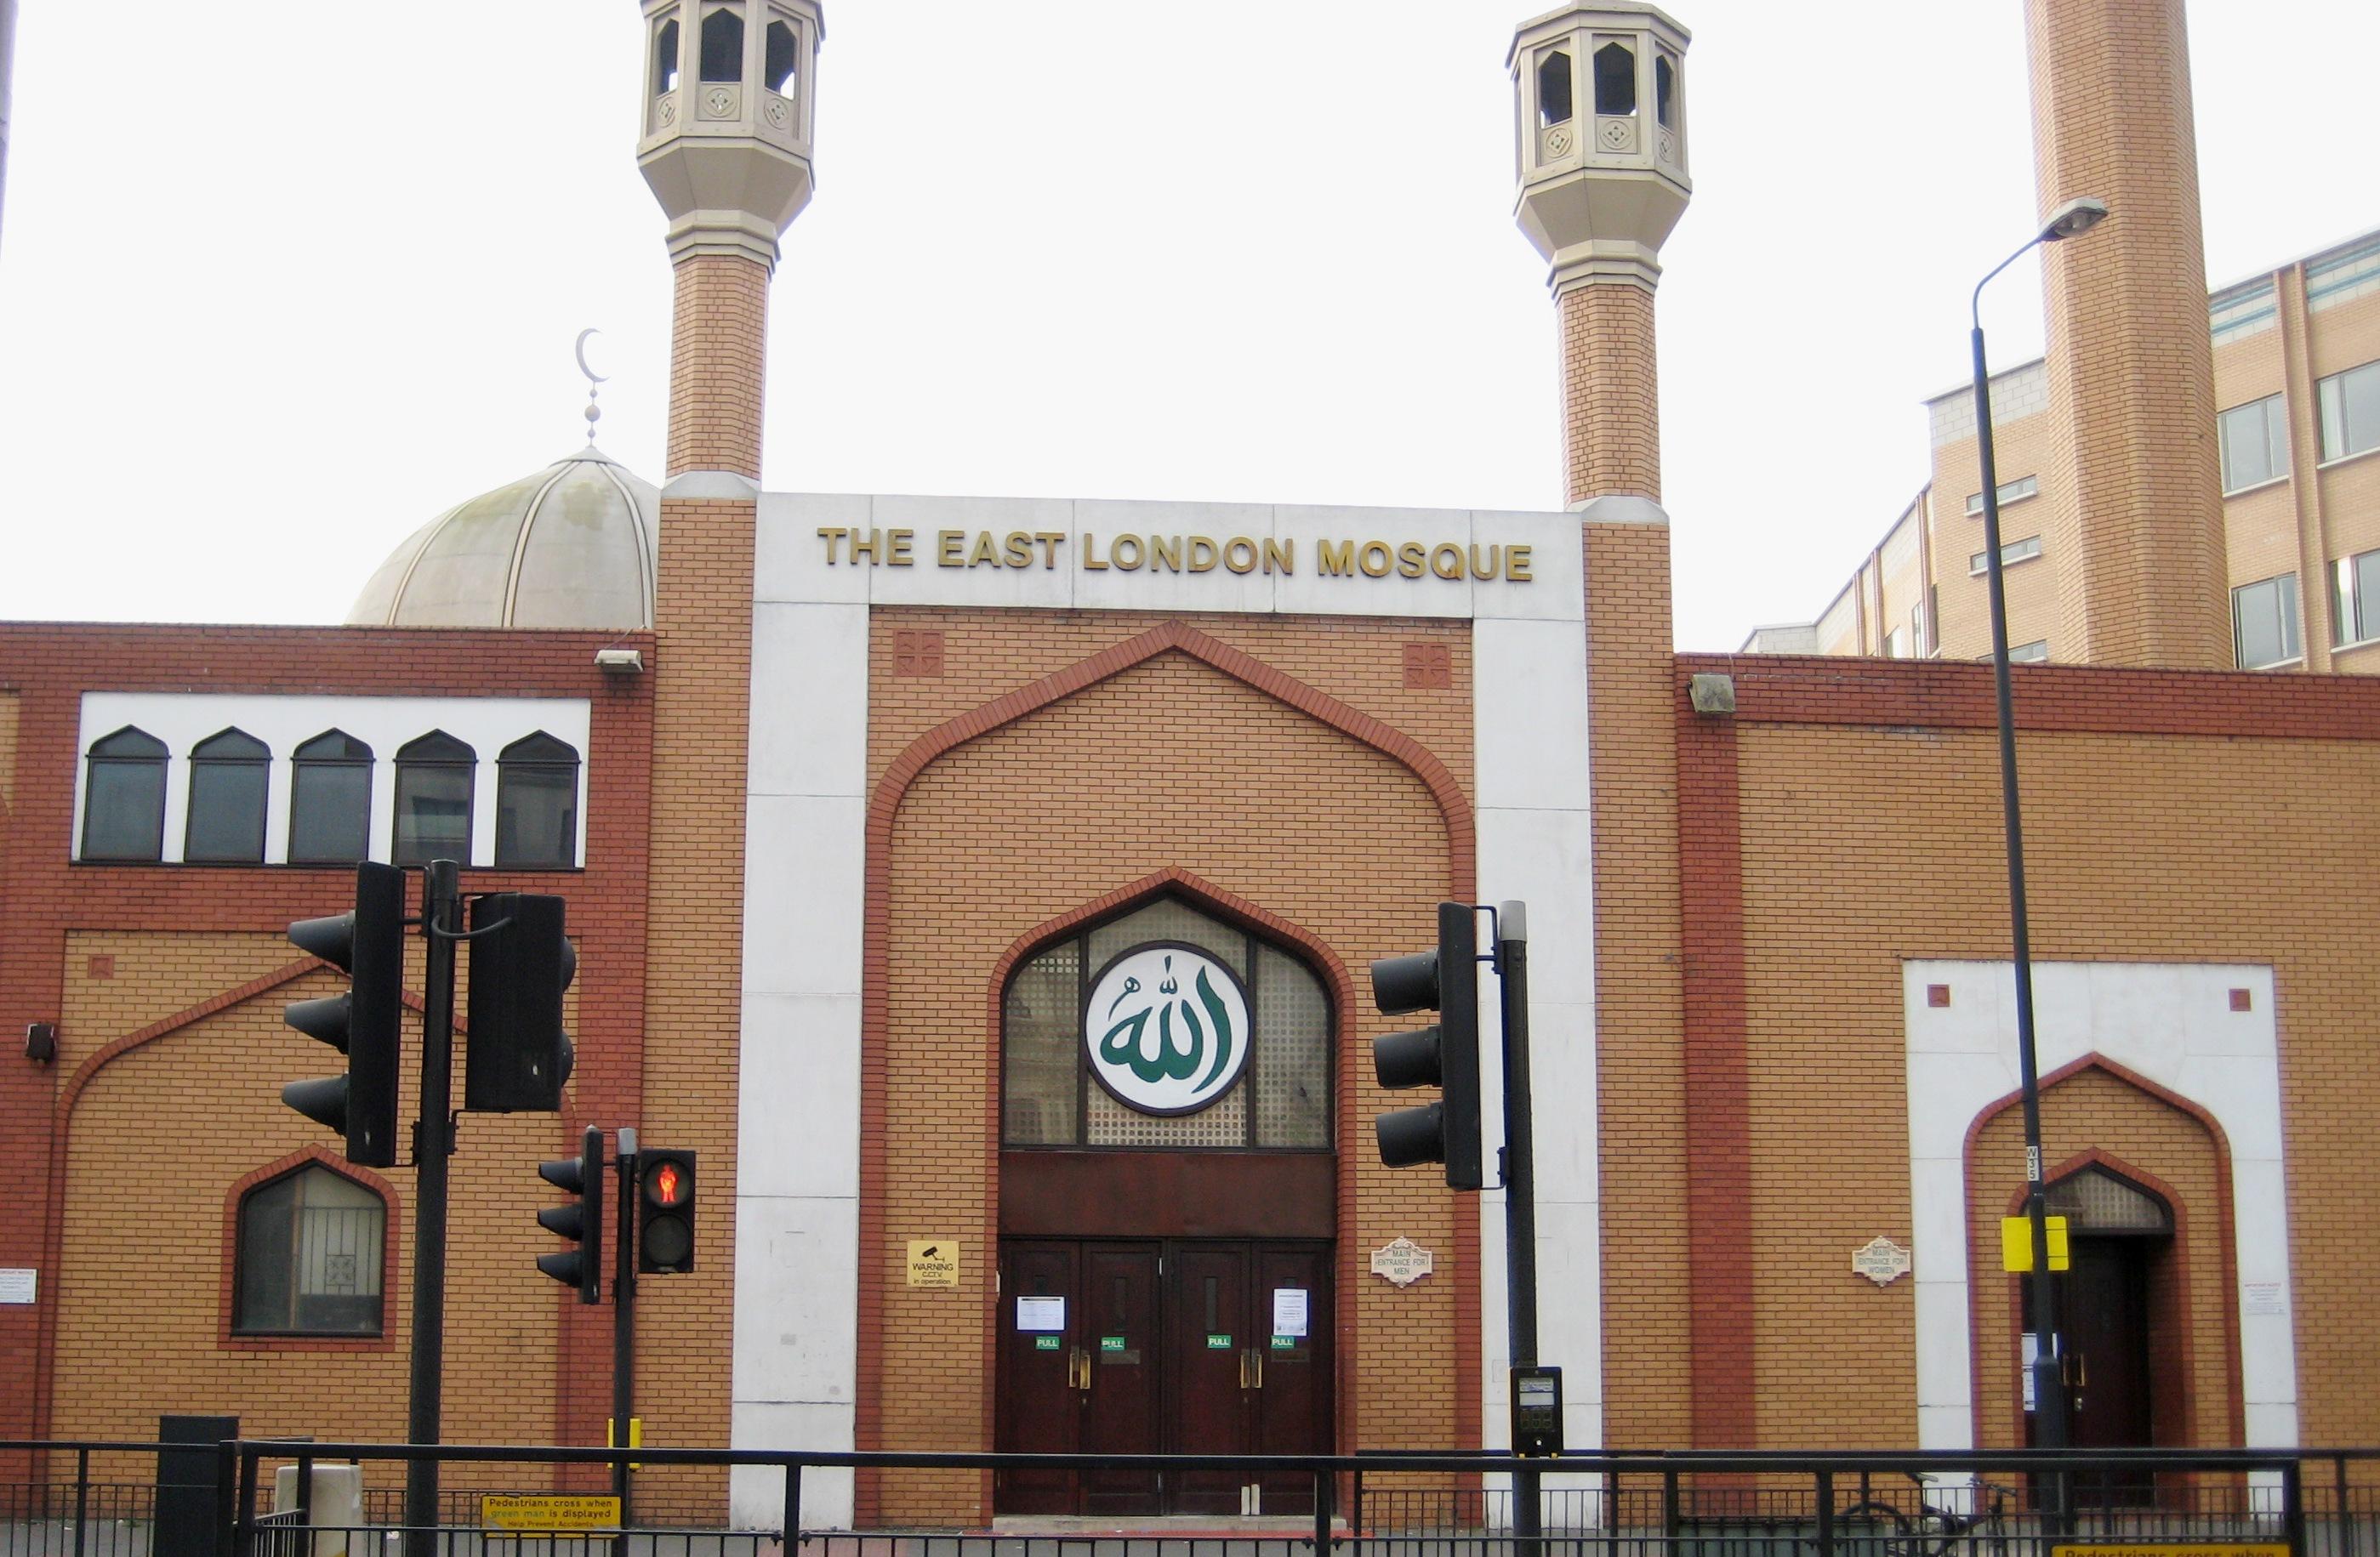 مسجد لندن الشرقي